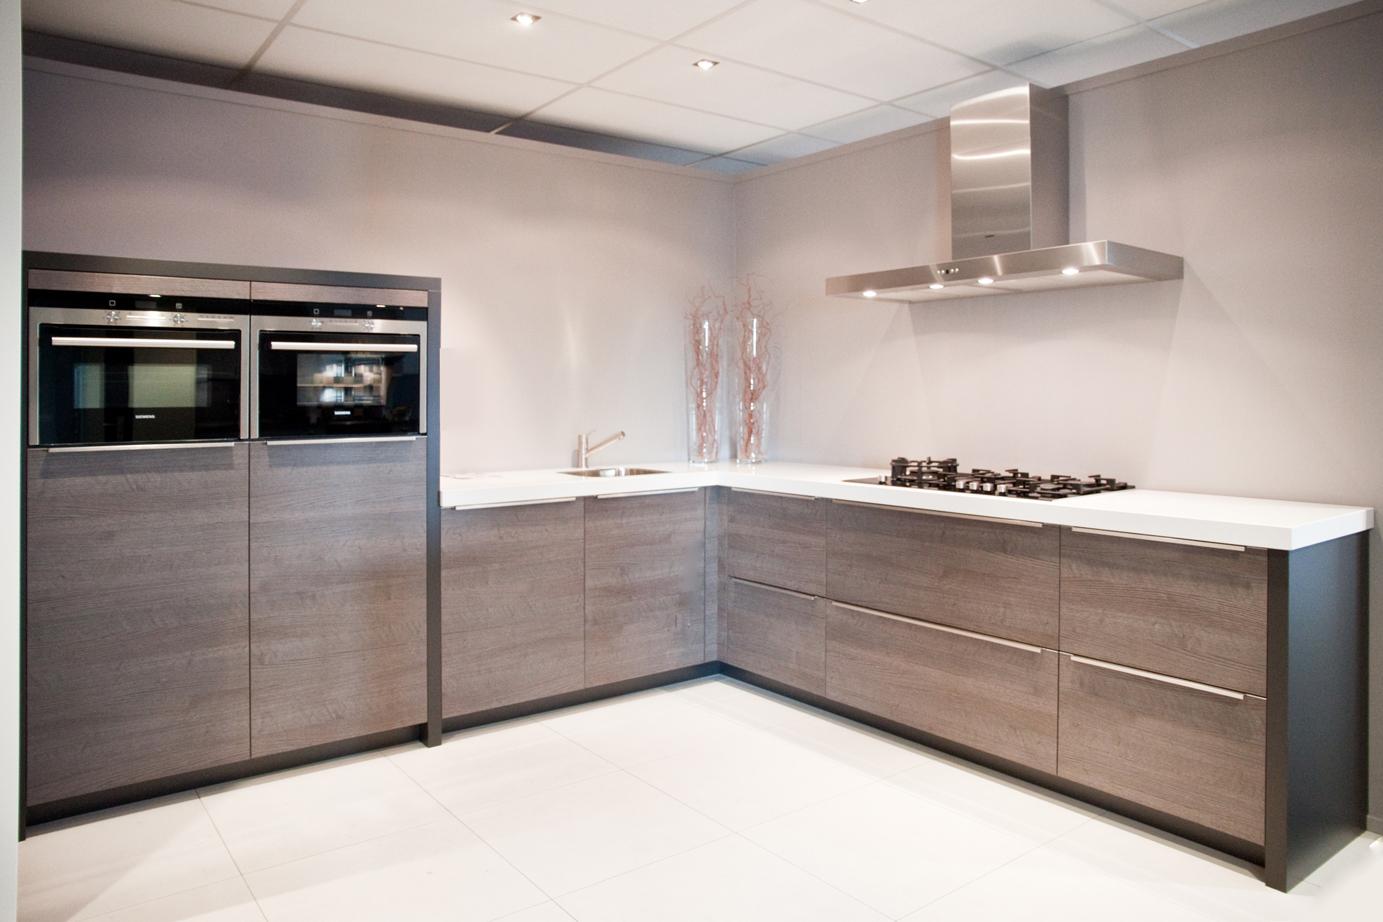 Keuken Strak Design : Design keuken. Mooi strak, zonder bovenkastjes. – DB Keukens